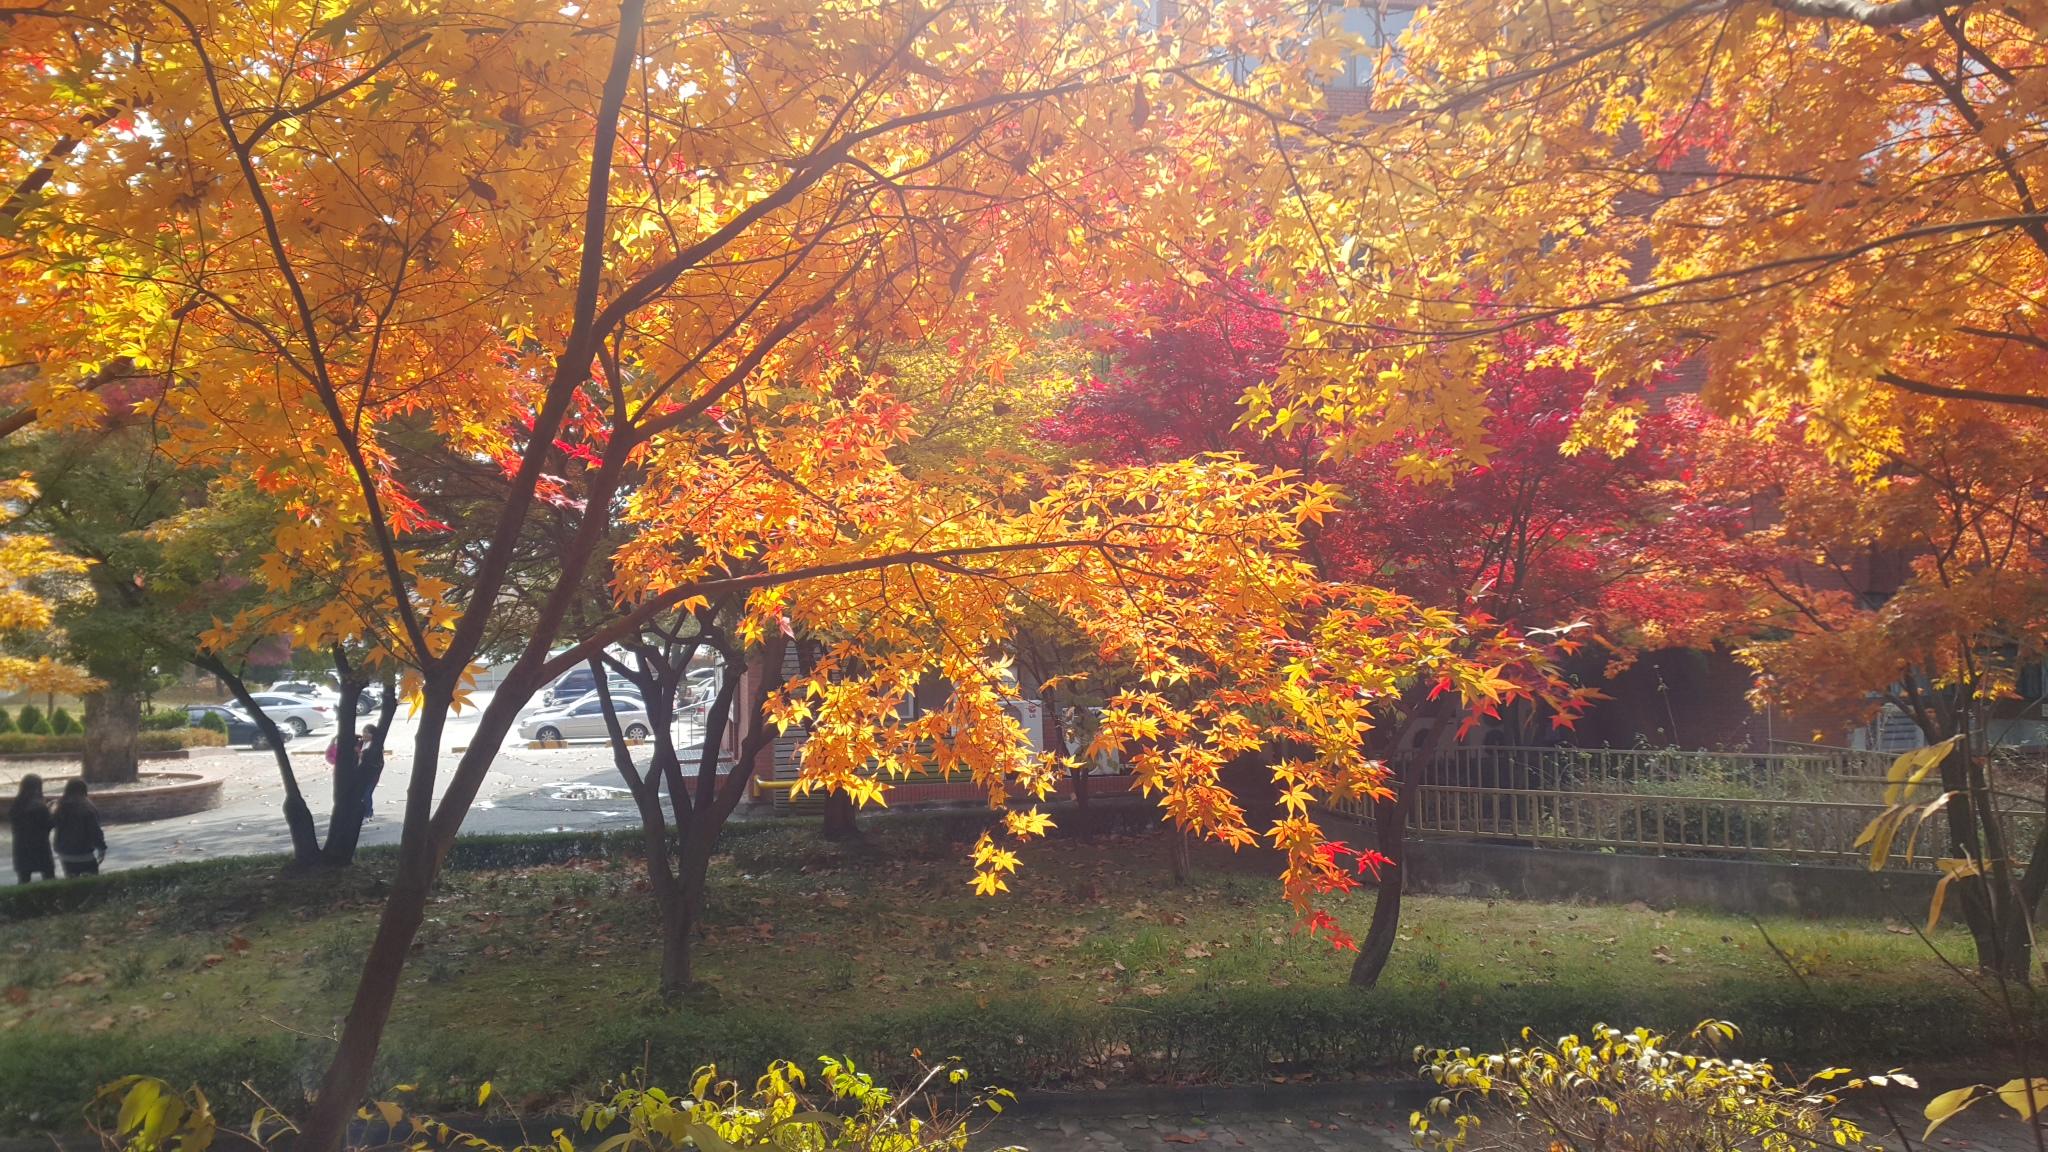 사진으로 보는 가을 그리고 빛 풍경!